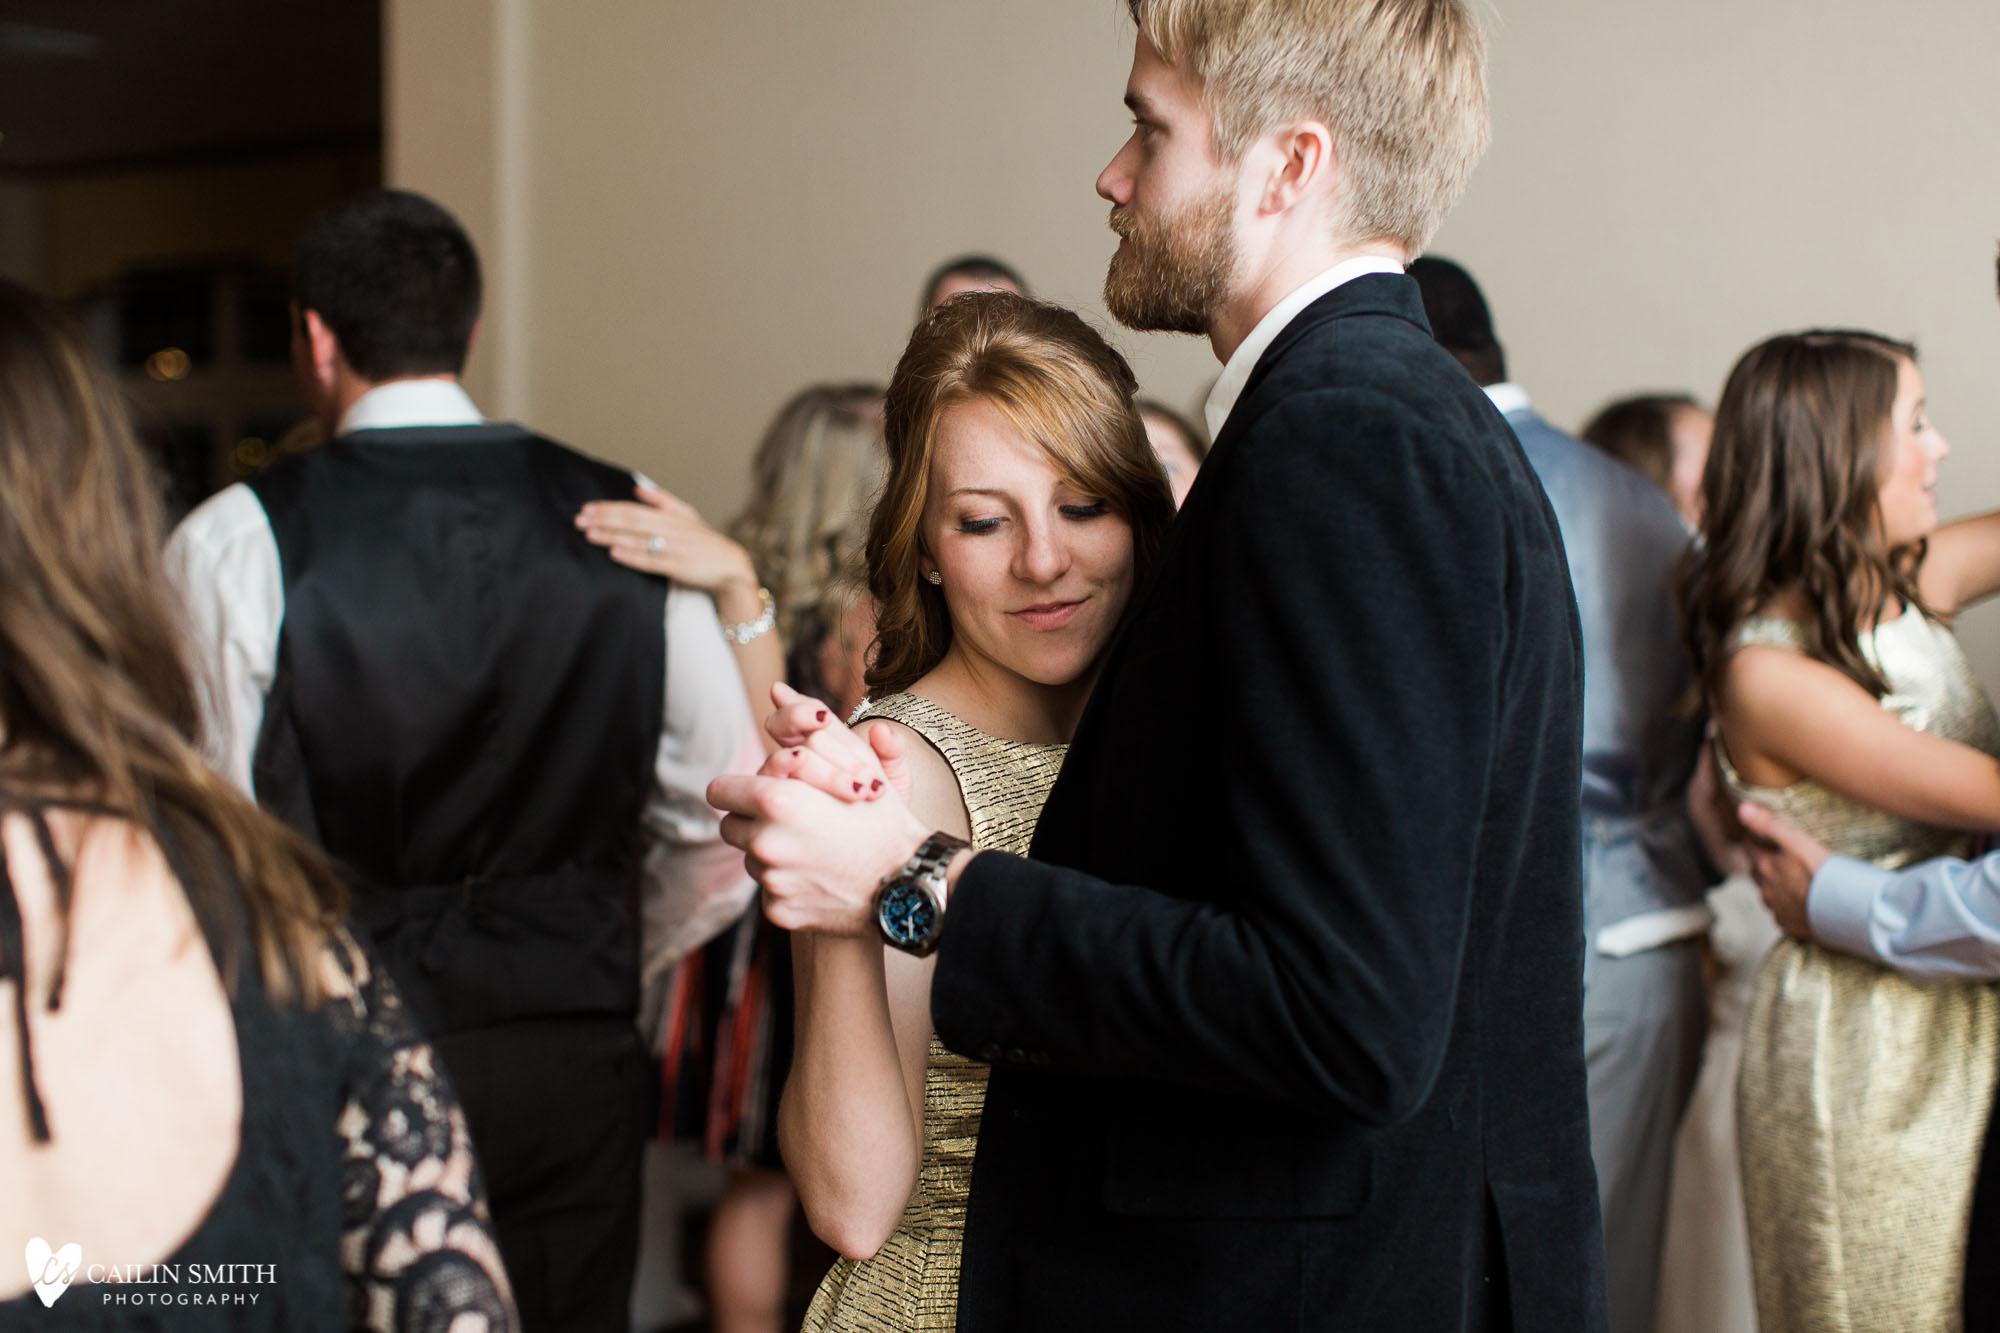 Leah_Major_St_Marys_Wedding_Photography_118.jpg